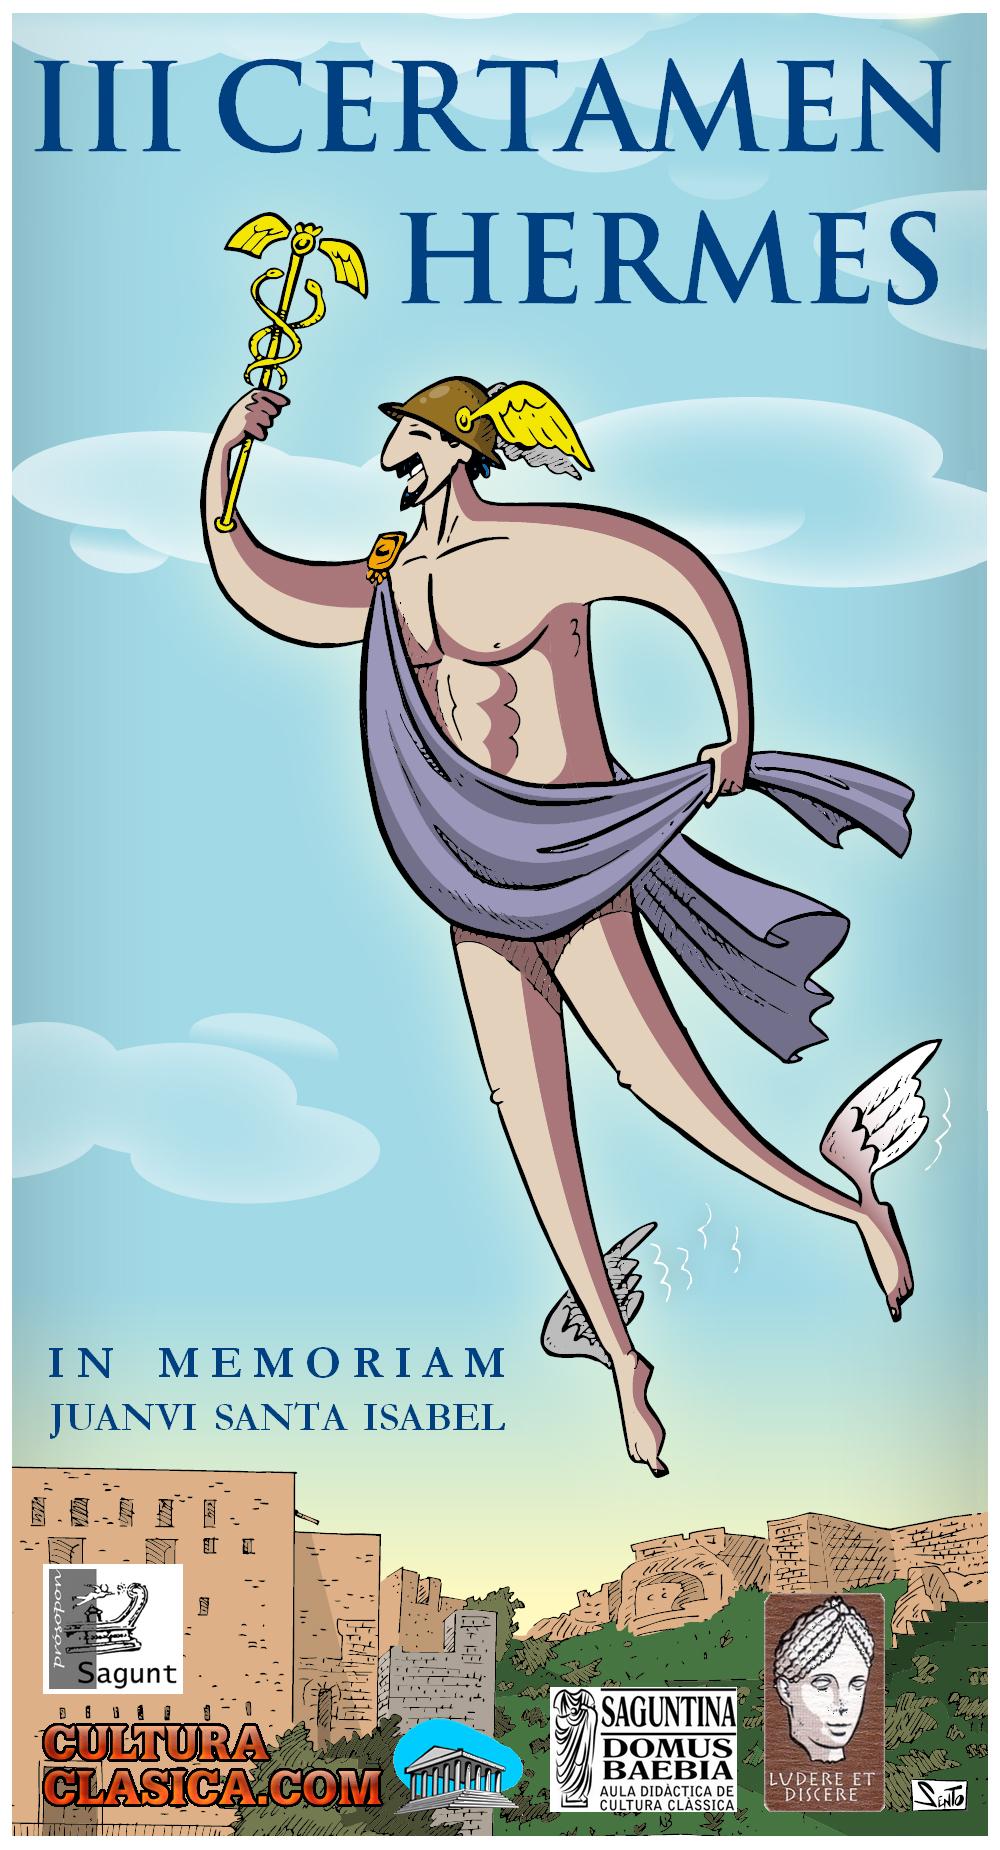 III Certamen Hermes